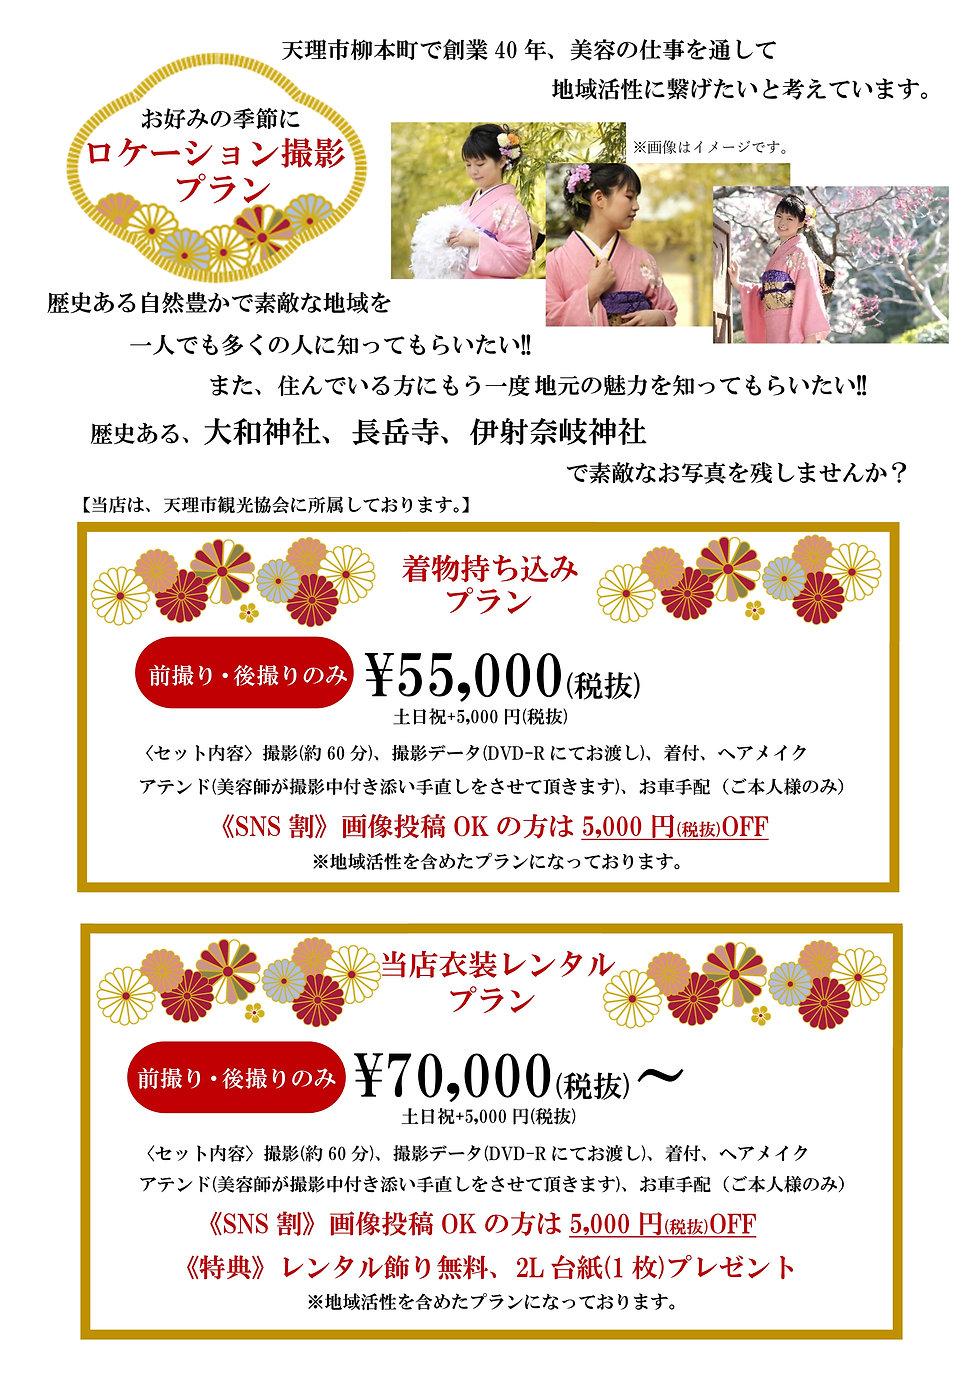 成人式 案内【新】2-003.jpg